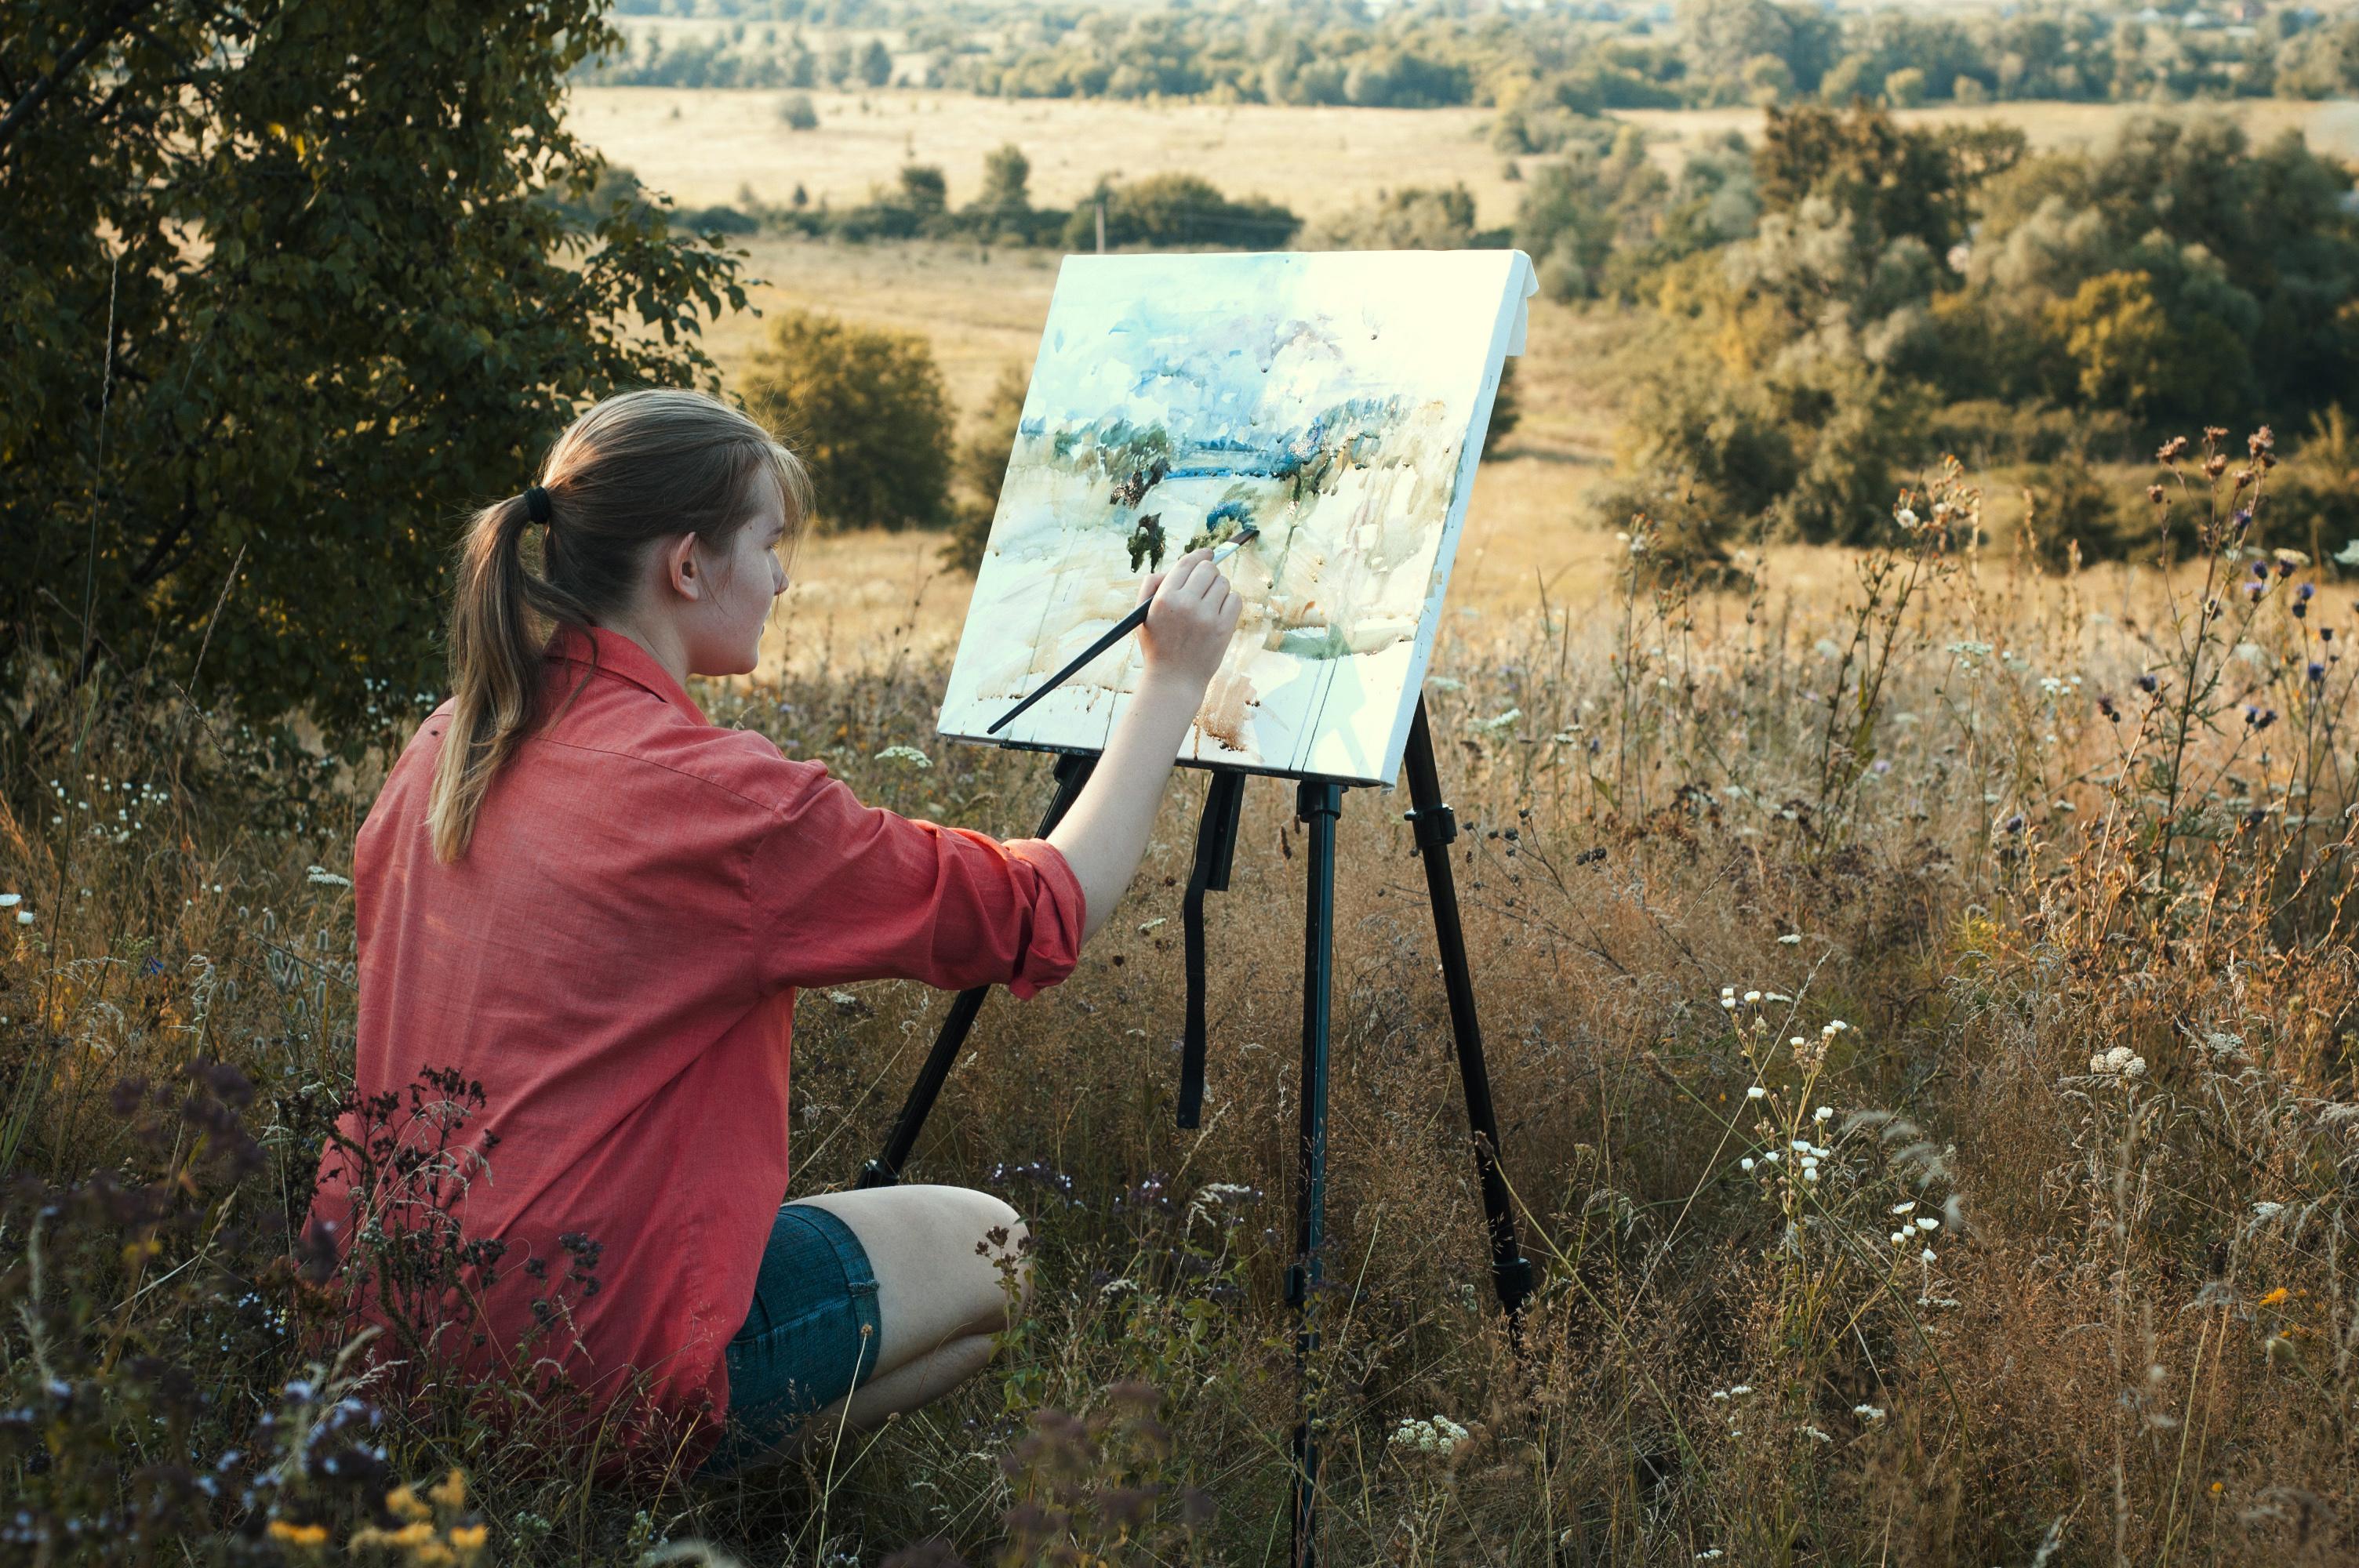 Das Foto zeigt eine junge Frau mit Staffelei in der Natur.